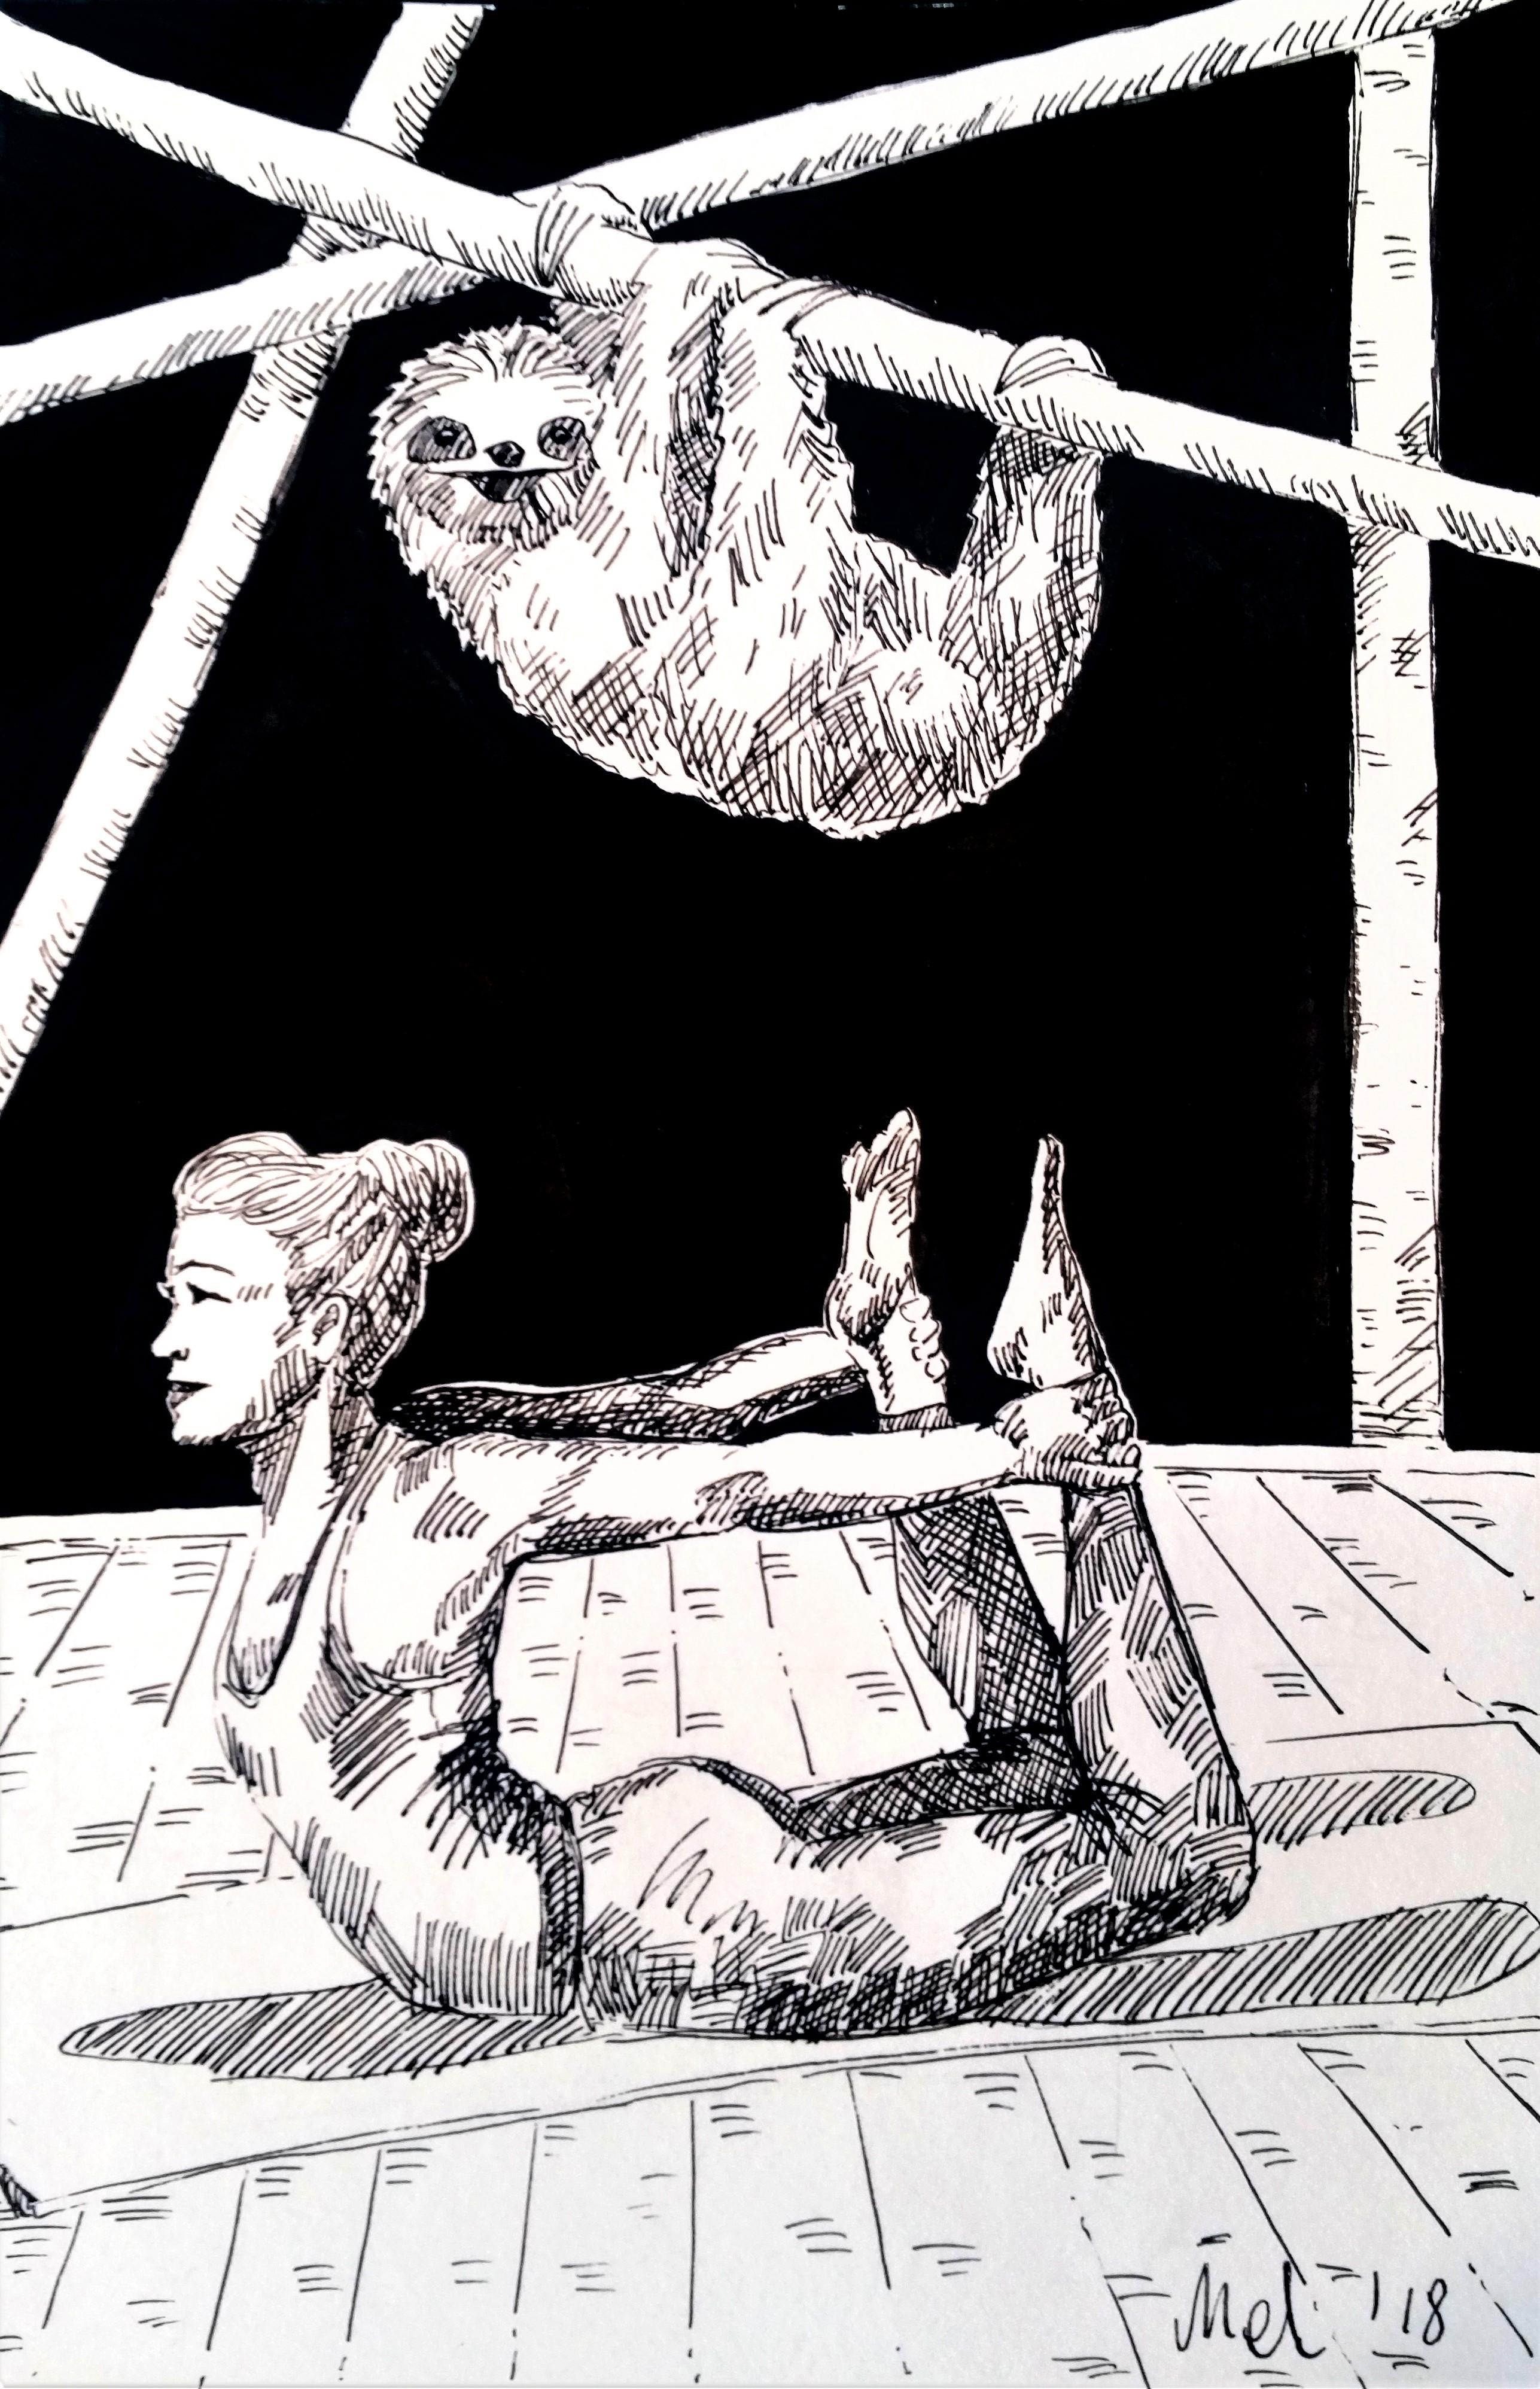 181202 My Inner Sloth_Melanie Franz